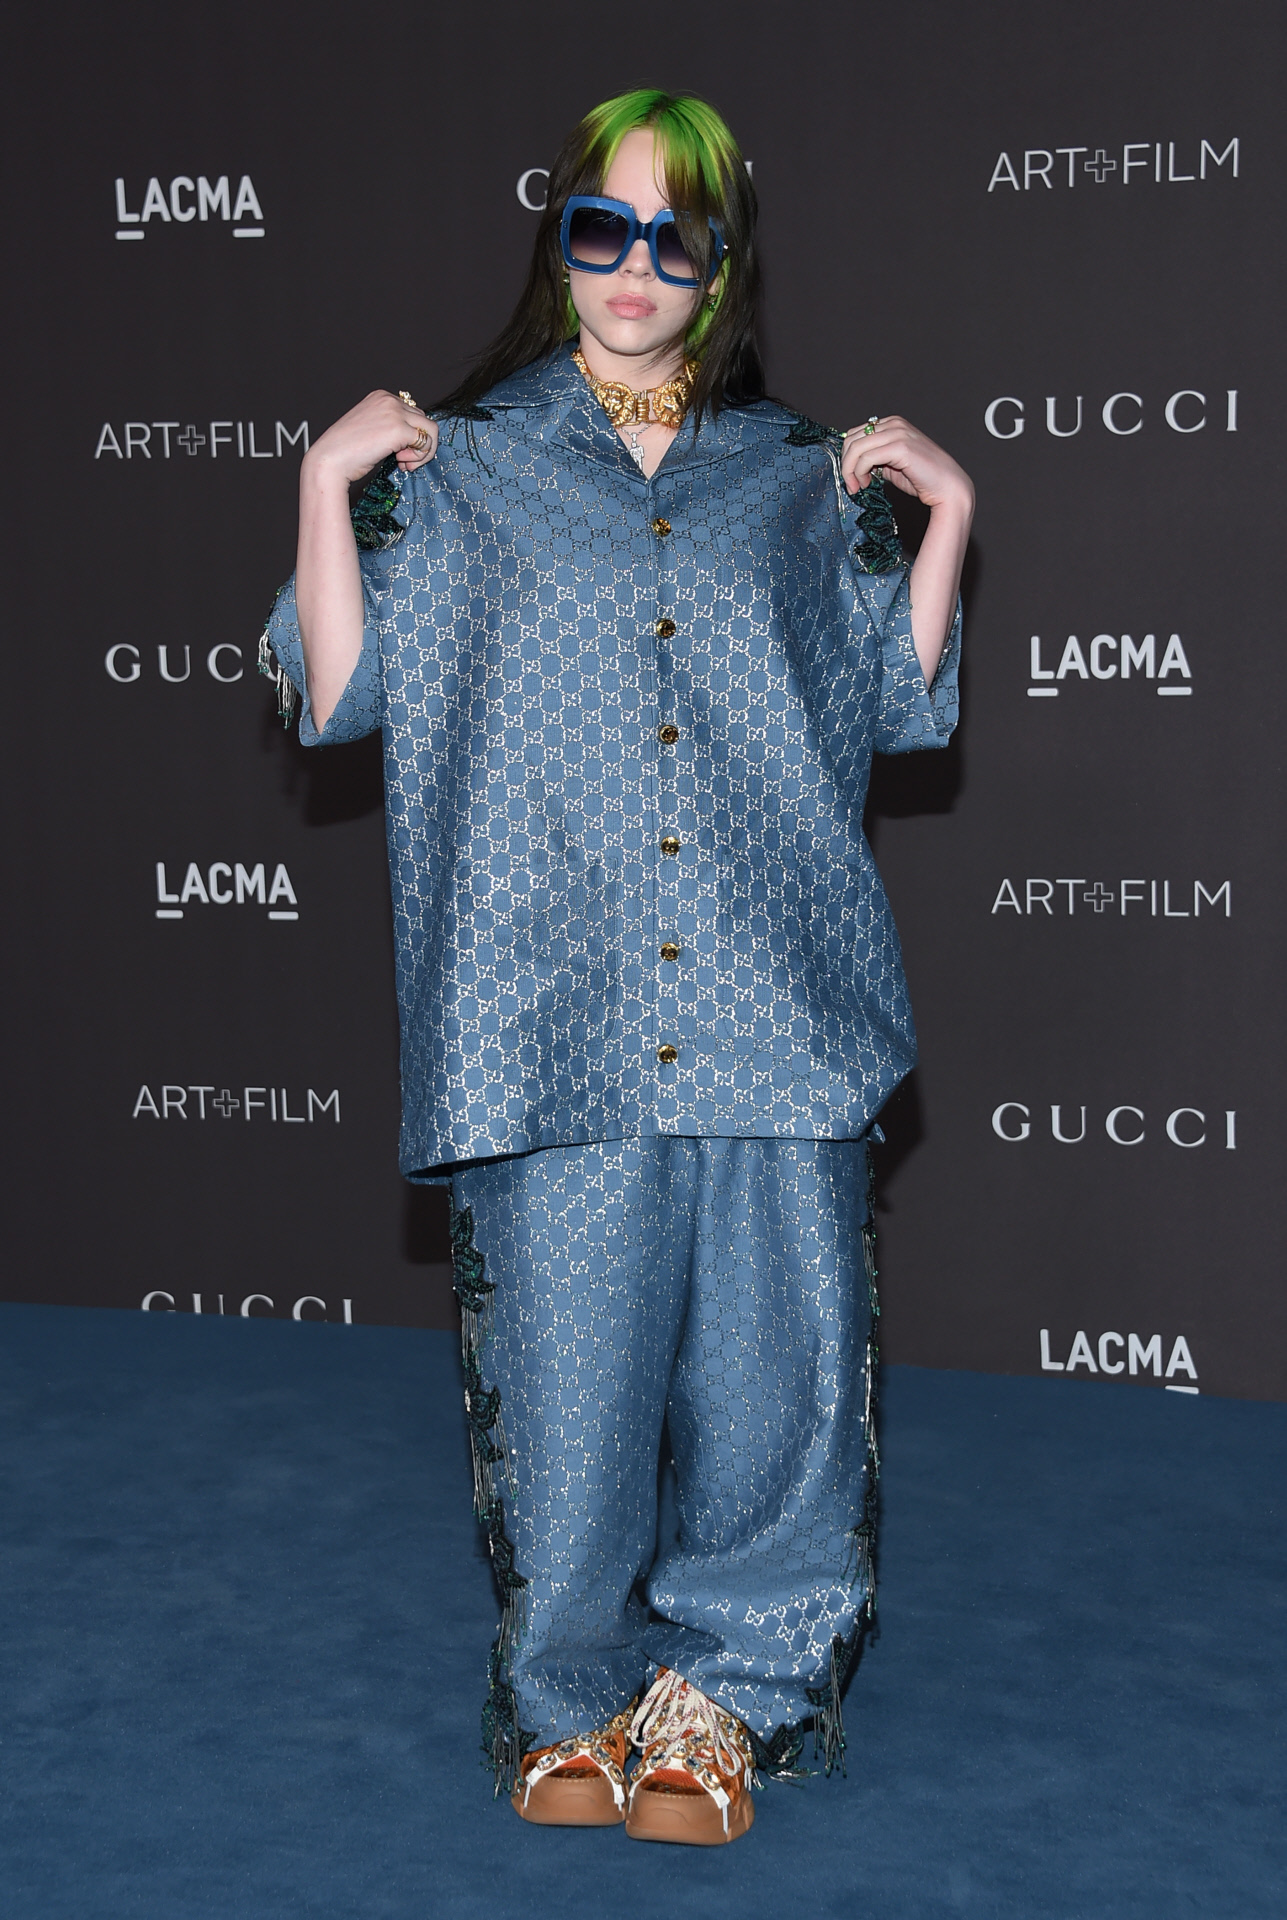 La cantante Billie Eilish en Los Ángeles vestida de Gucci.